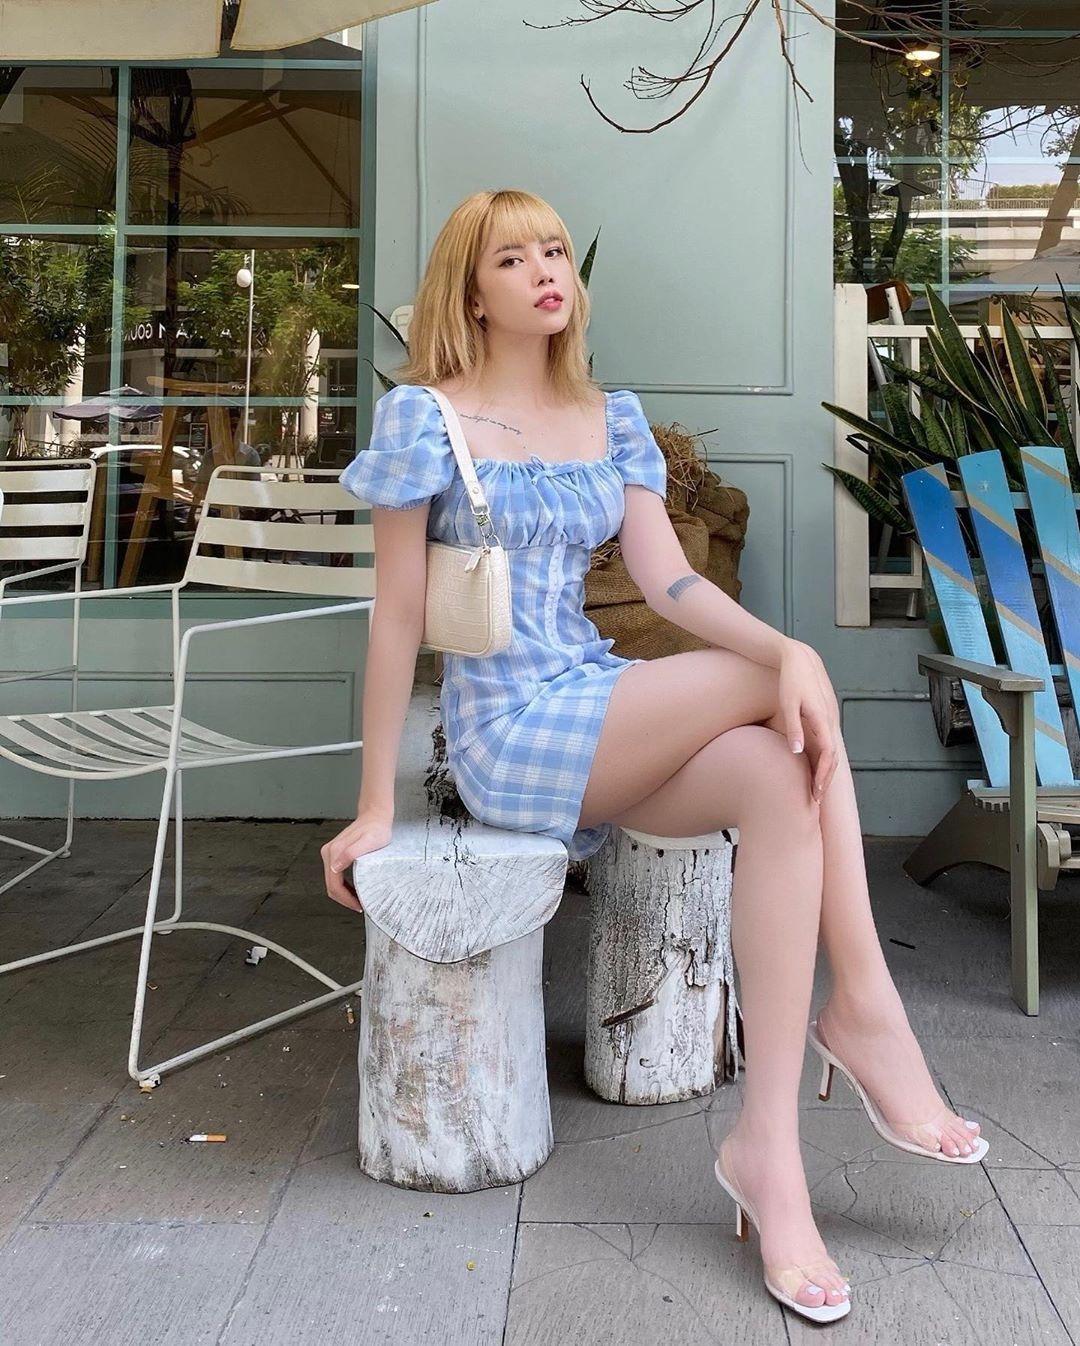 Thiều Bảo Trâm tạo được hình ảnh sang chảnh, sành điệu mà không cần đến những món đồ quá đắt đỏ. Trừ túi xách hay giày dép, trang phục của nữ ca sĩ chủ yếu đều đến từ các local brand với kiểu dáng trẻ trung, thời thượng nhưng giá thành hợp lý. She by Shj là một trong những thương hiệu yêu thích, xuất hiện nhiều nhất trong tủ đồ của giọng ca 26 tuổi.